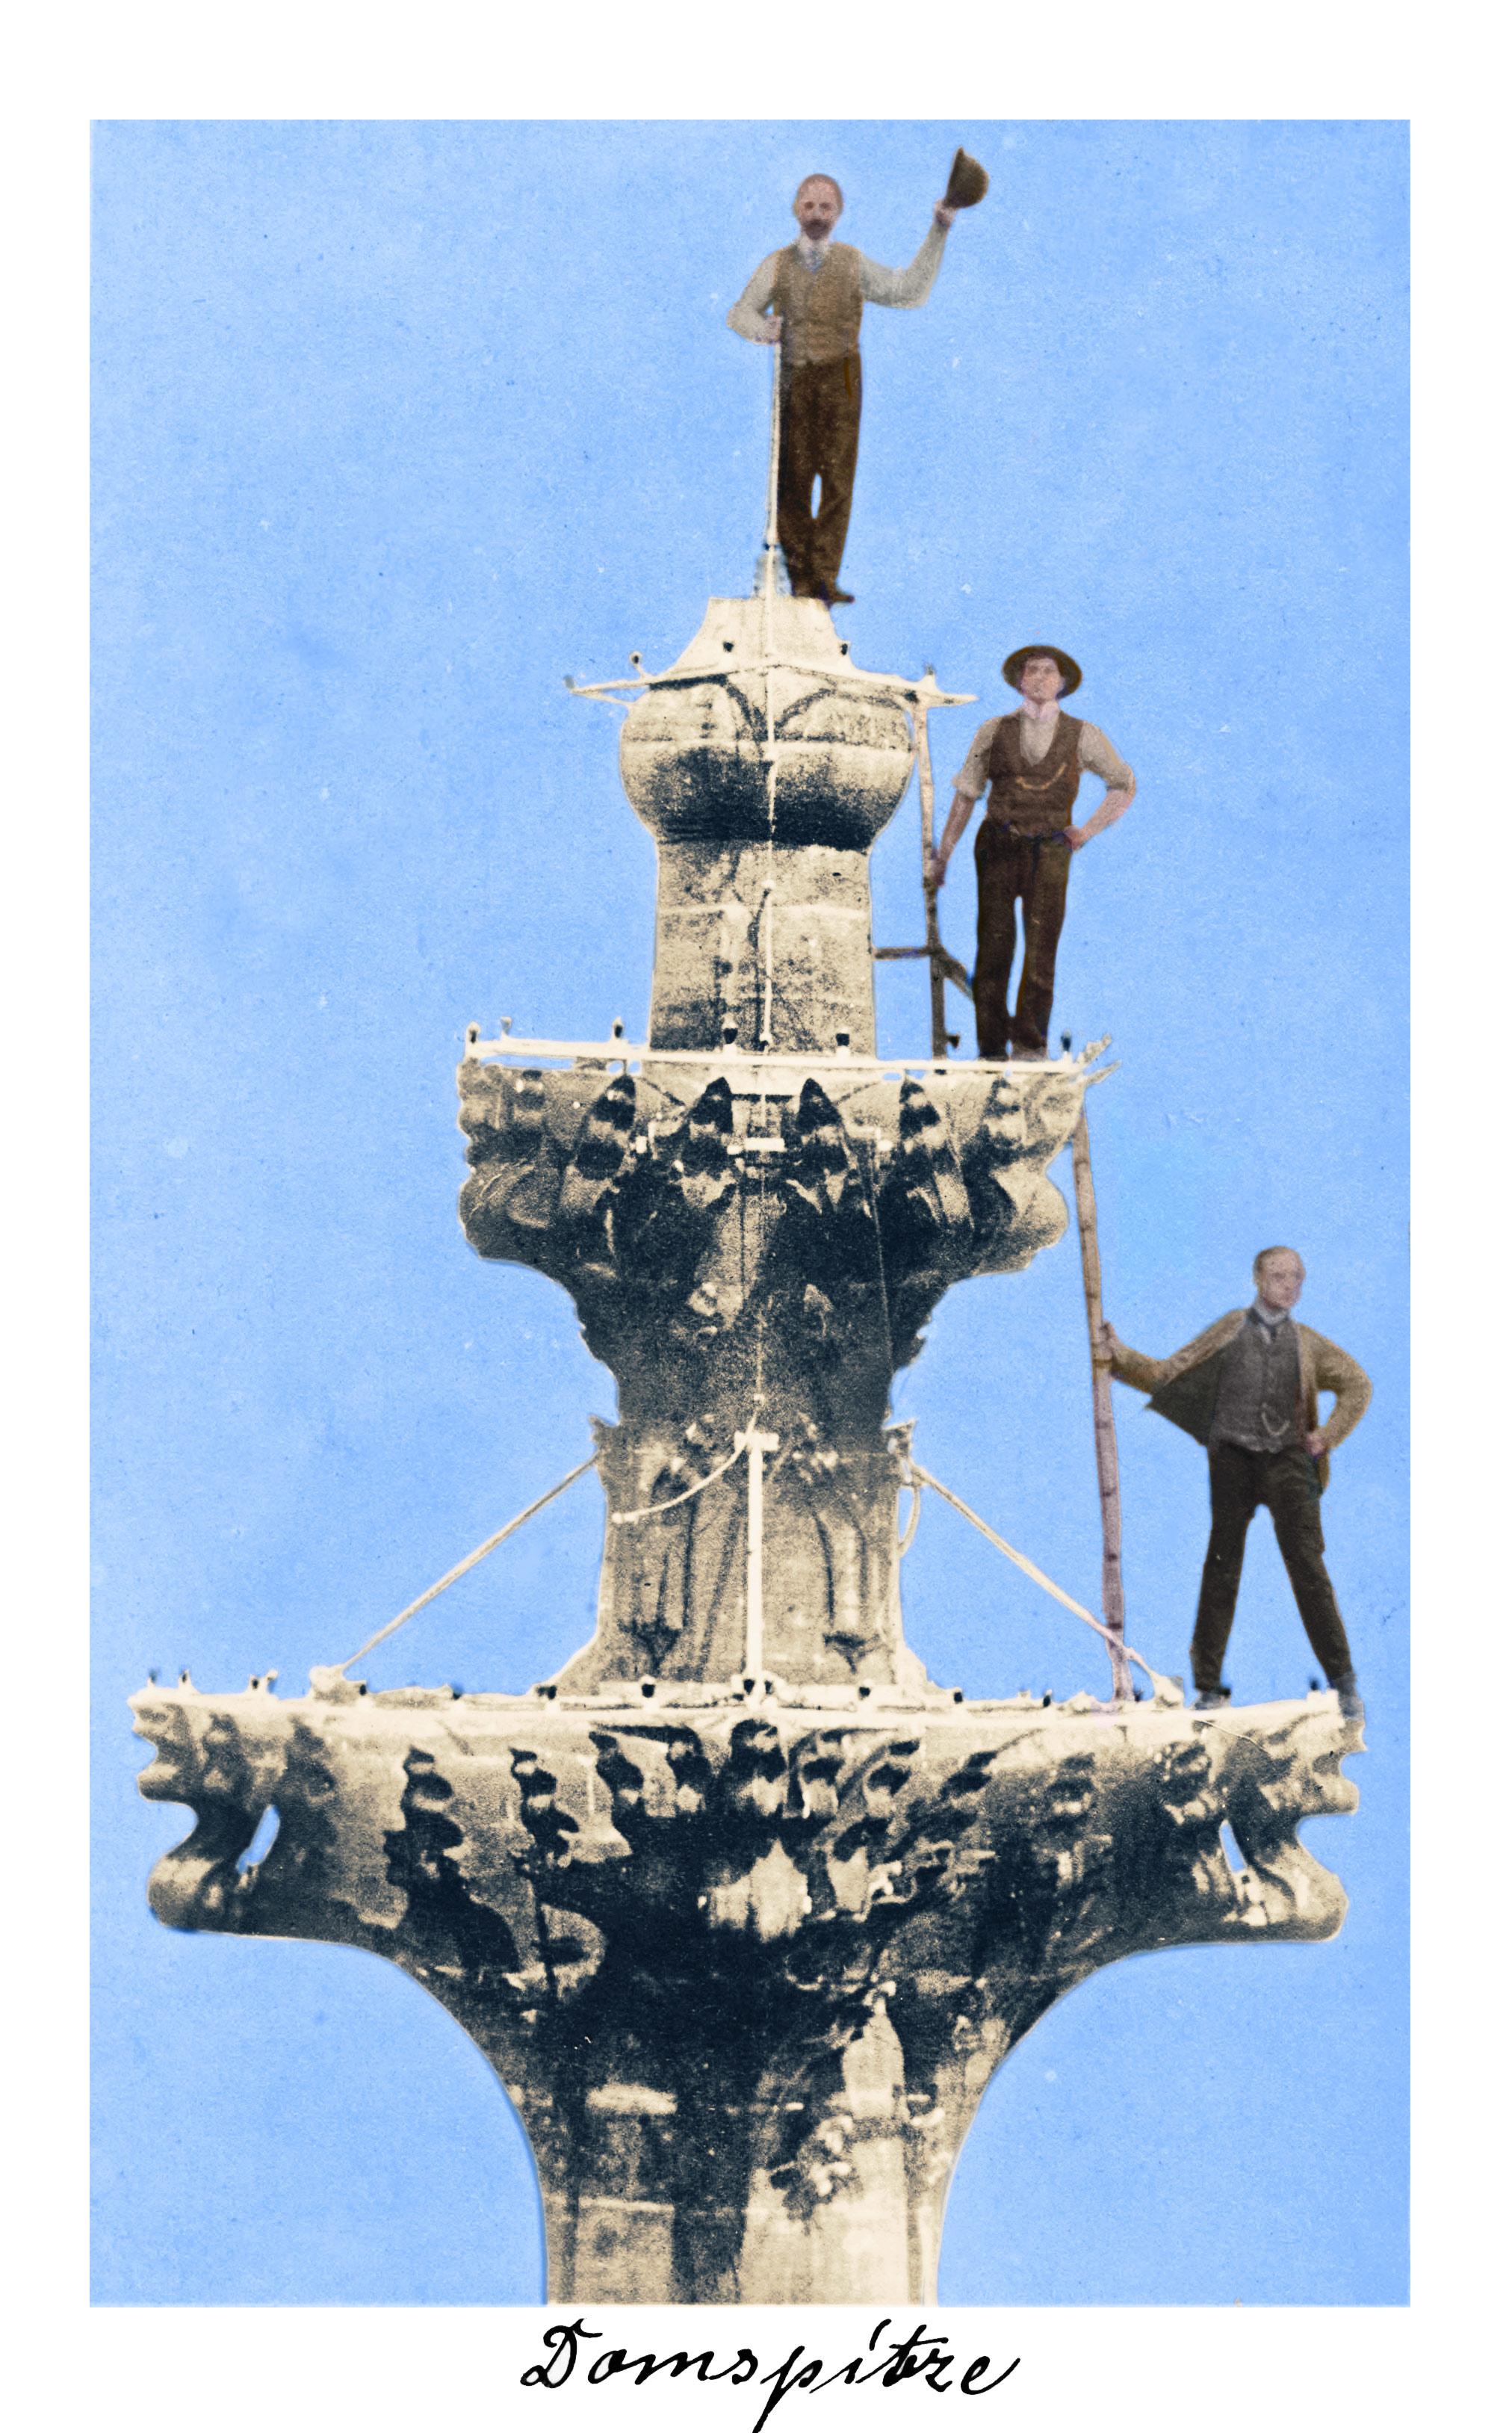 Bild von Männern auf der Domspitze